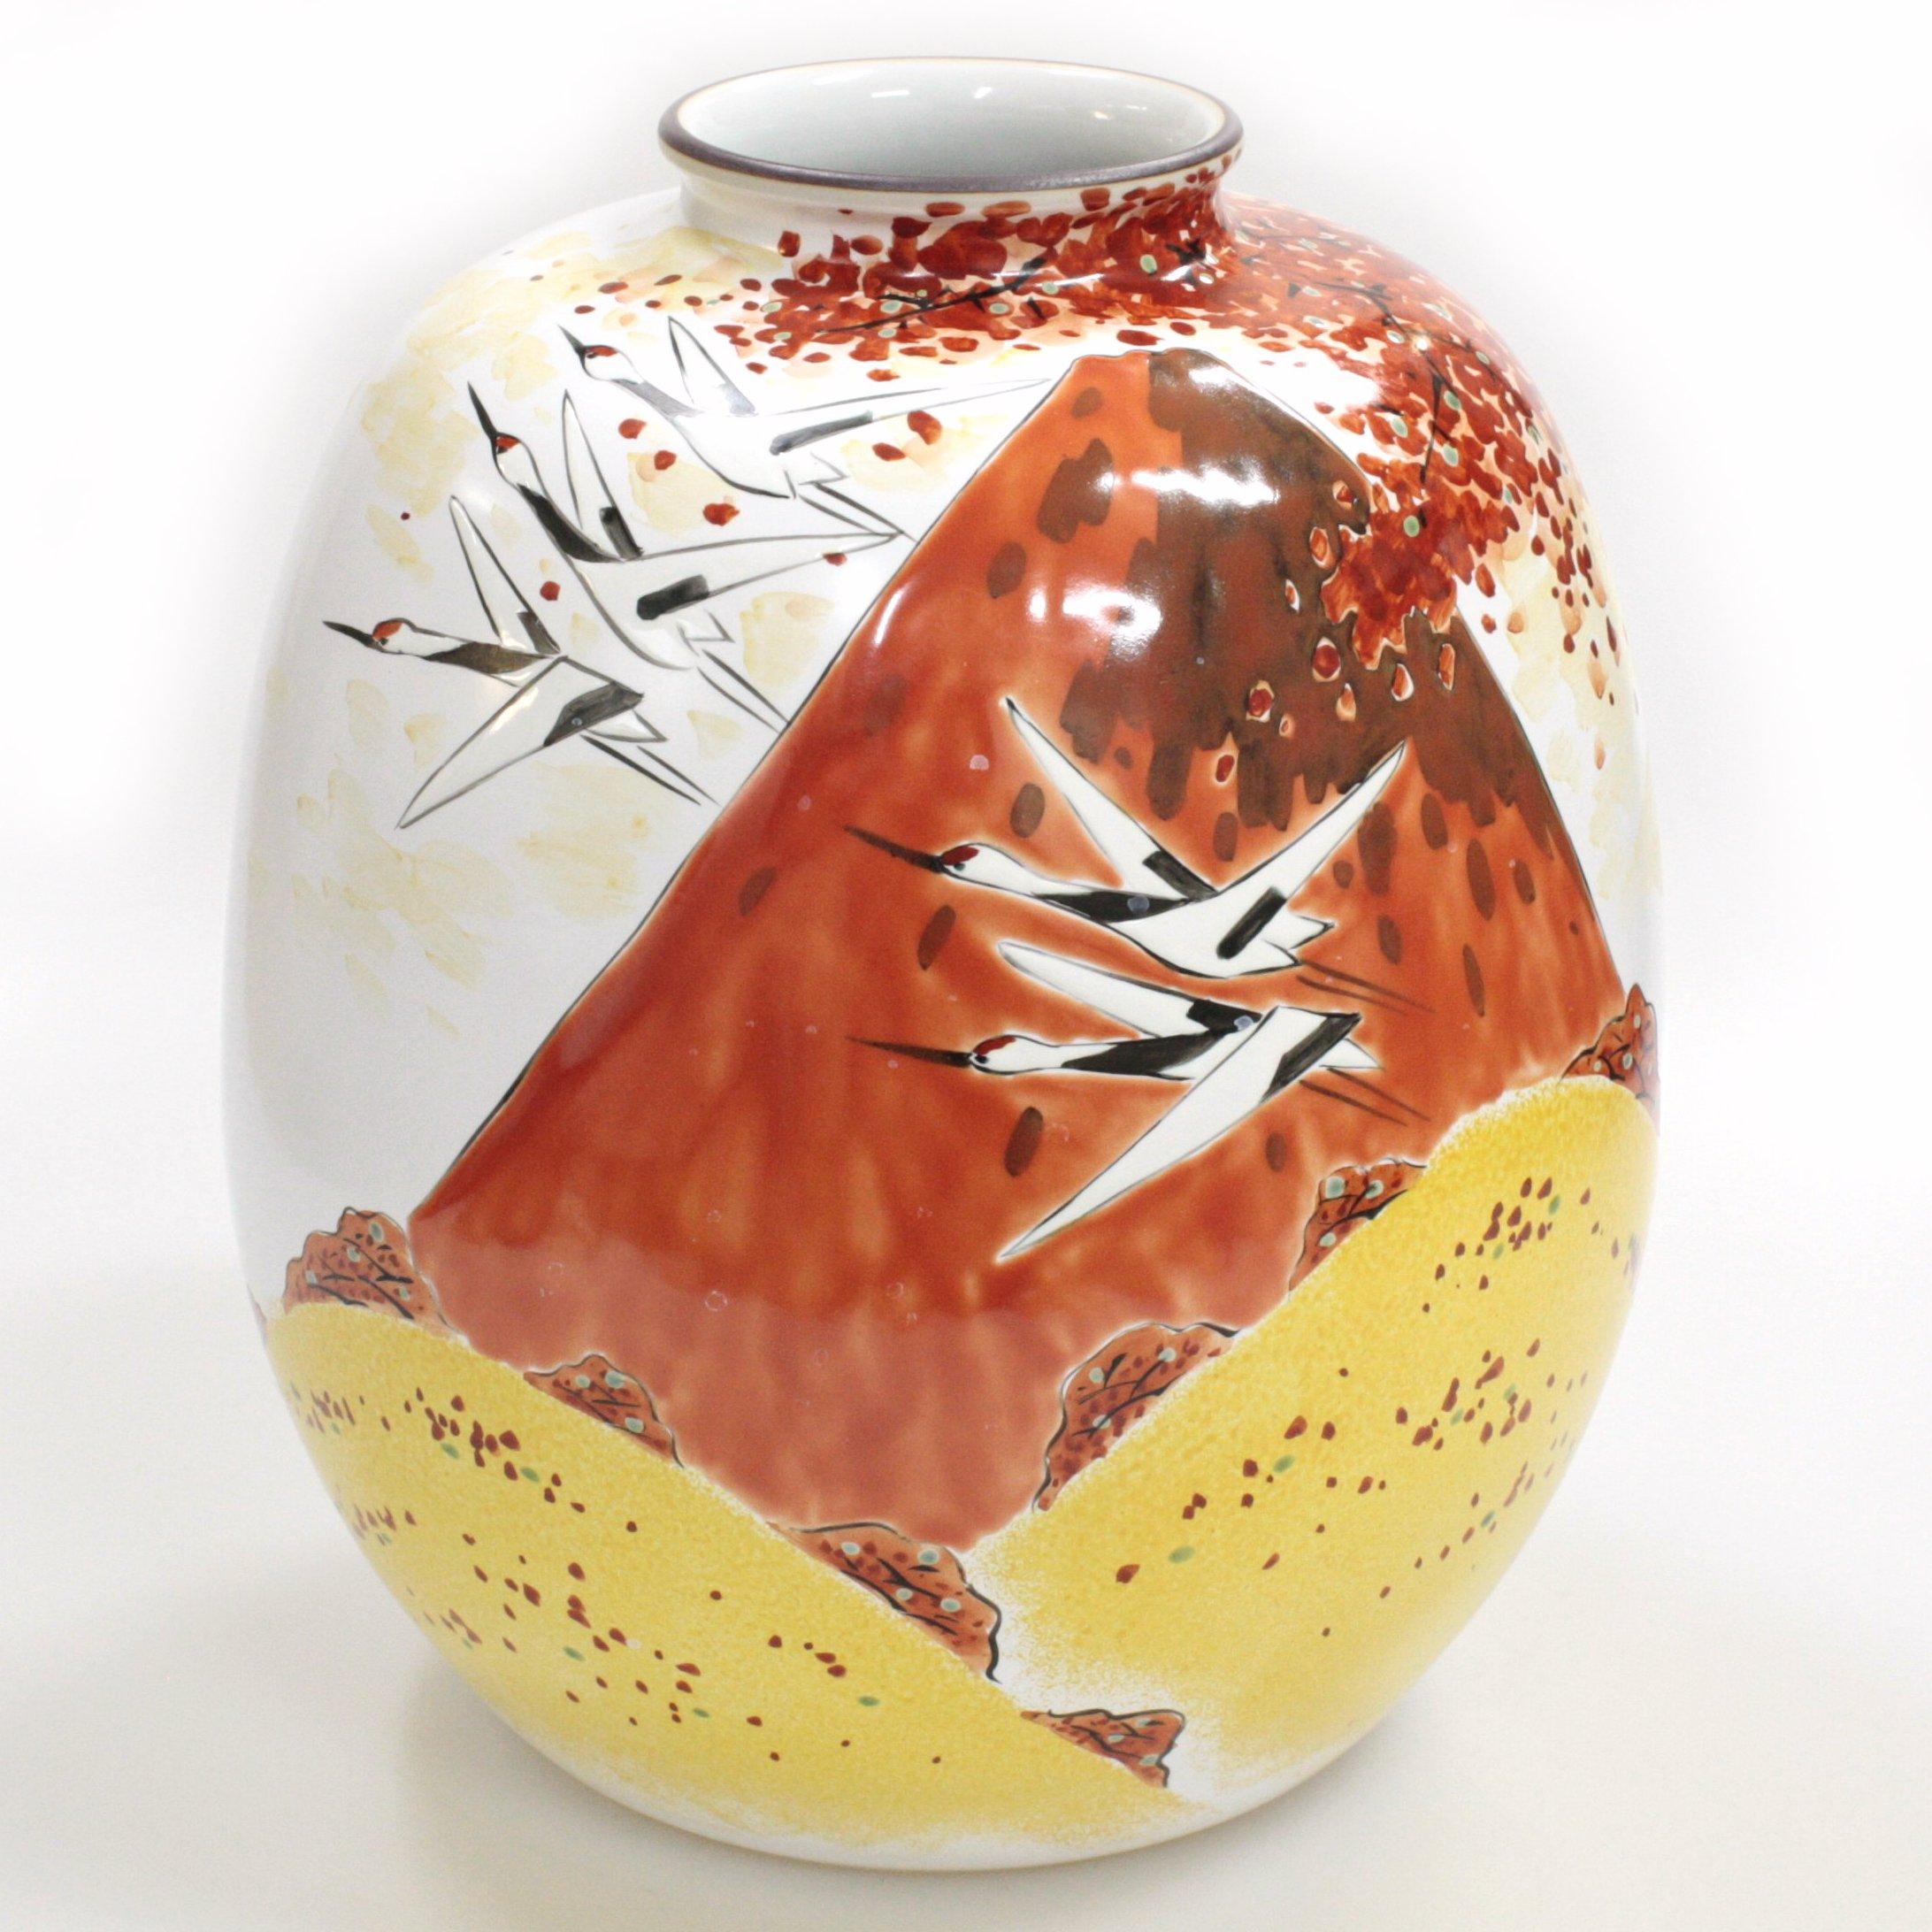 九谷焼ギフト ご贈答品 御祝い 九谷焼8号花瓶 秋の赤富士